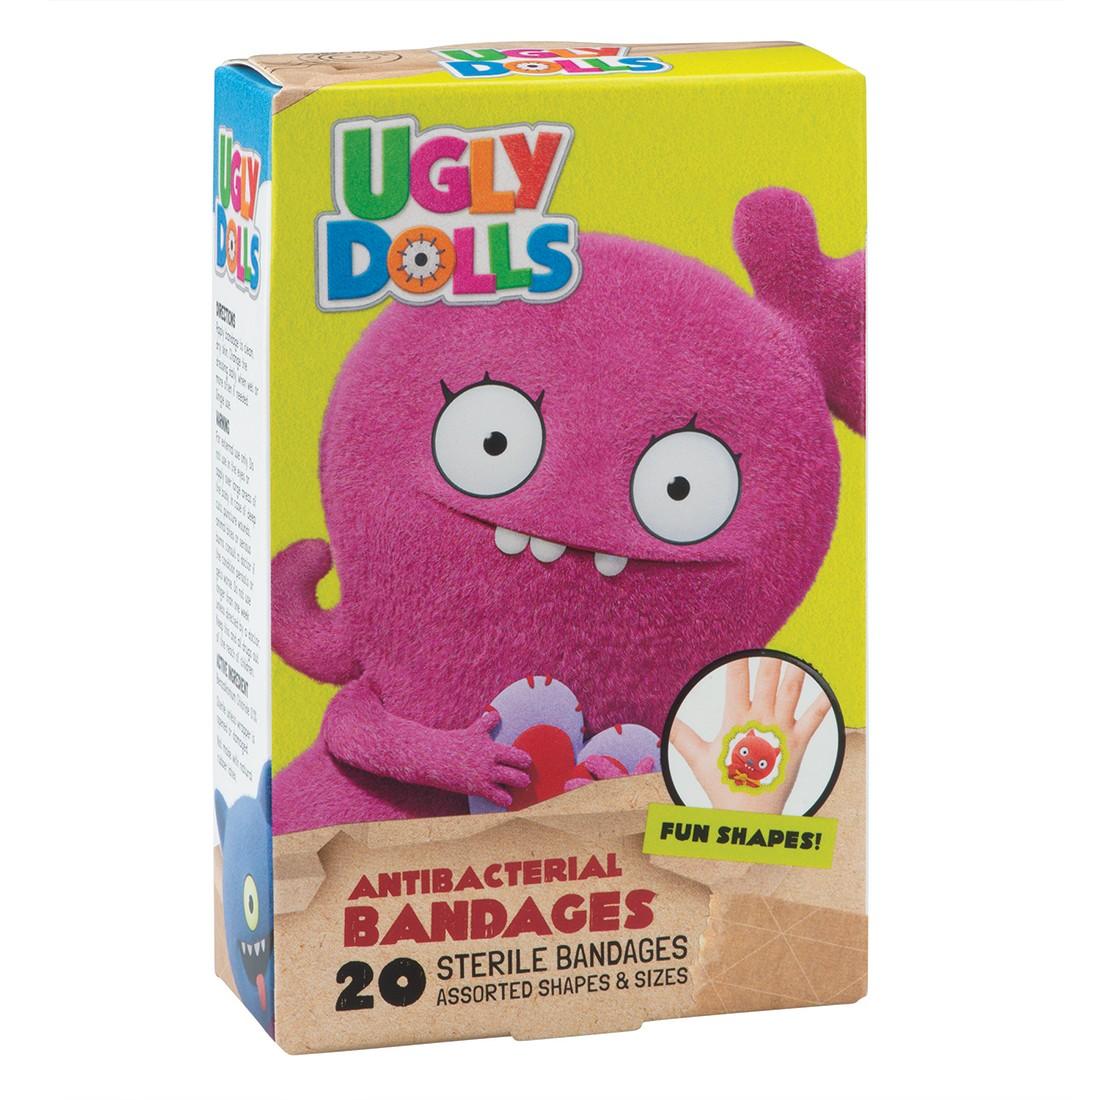 UglyDolls Bandages - Case  [image]